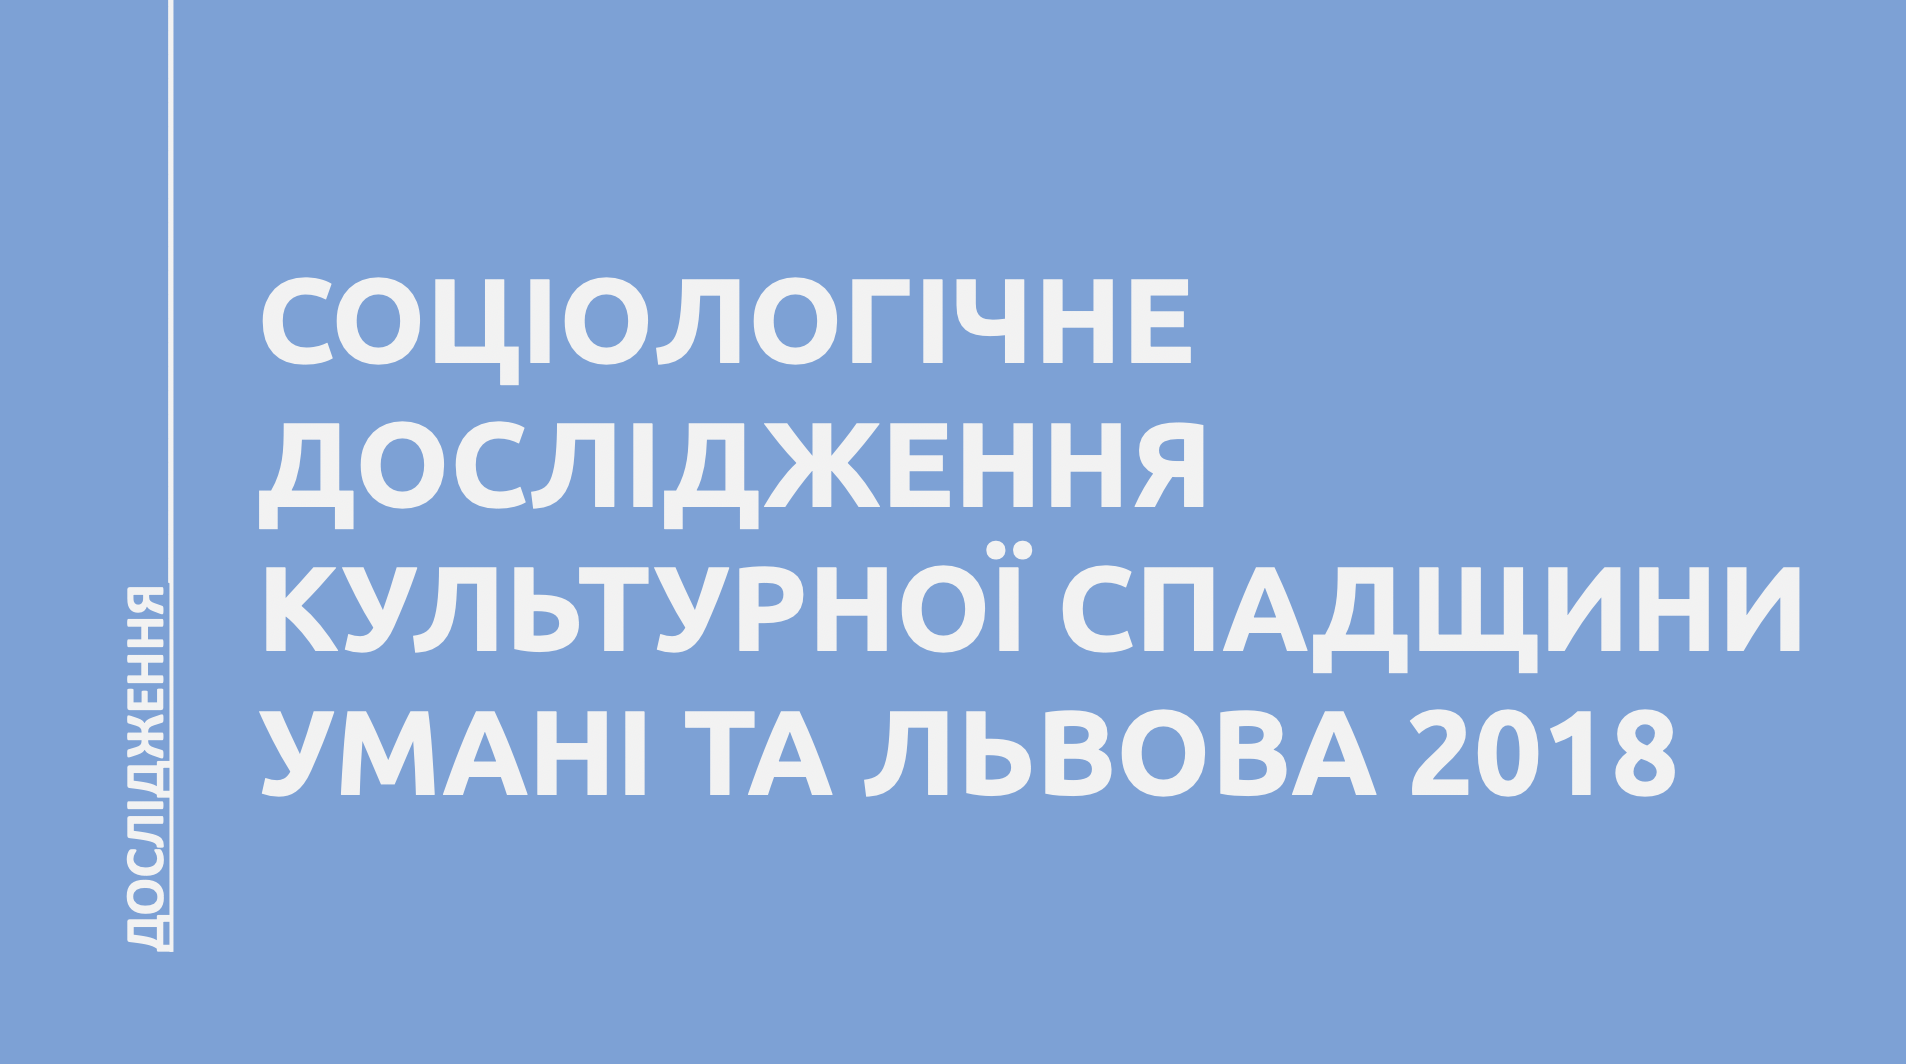 Соціологічне дослідження культурної спадщини Умані та Львова 2018